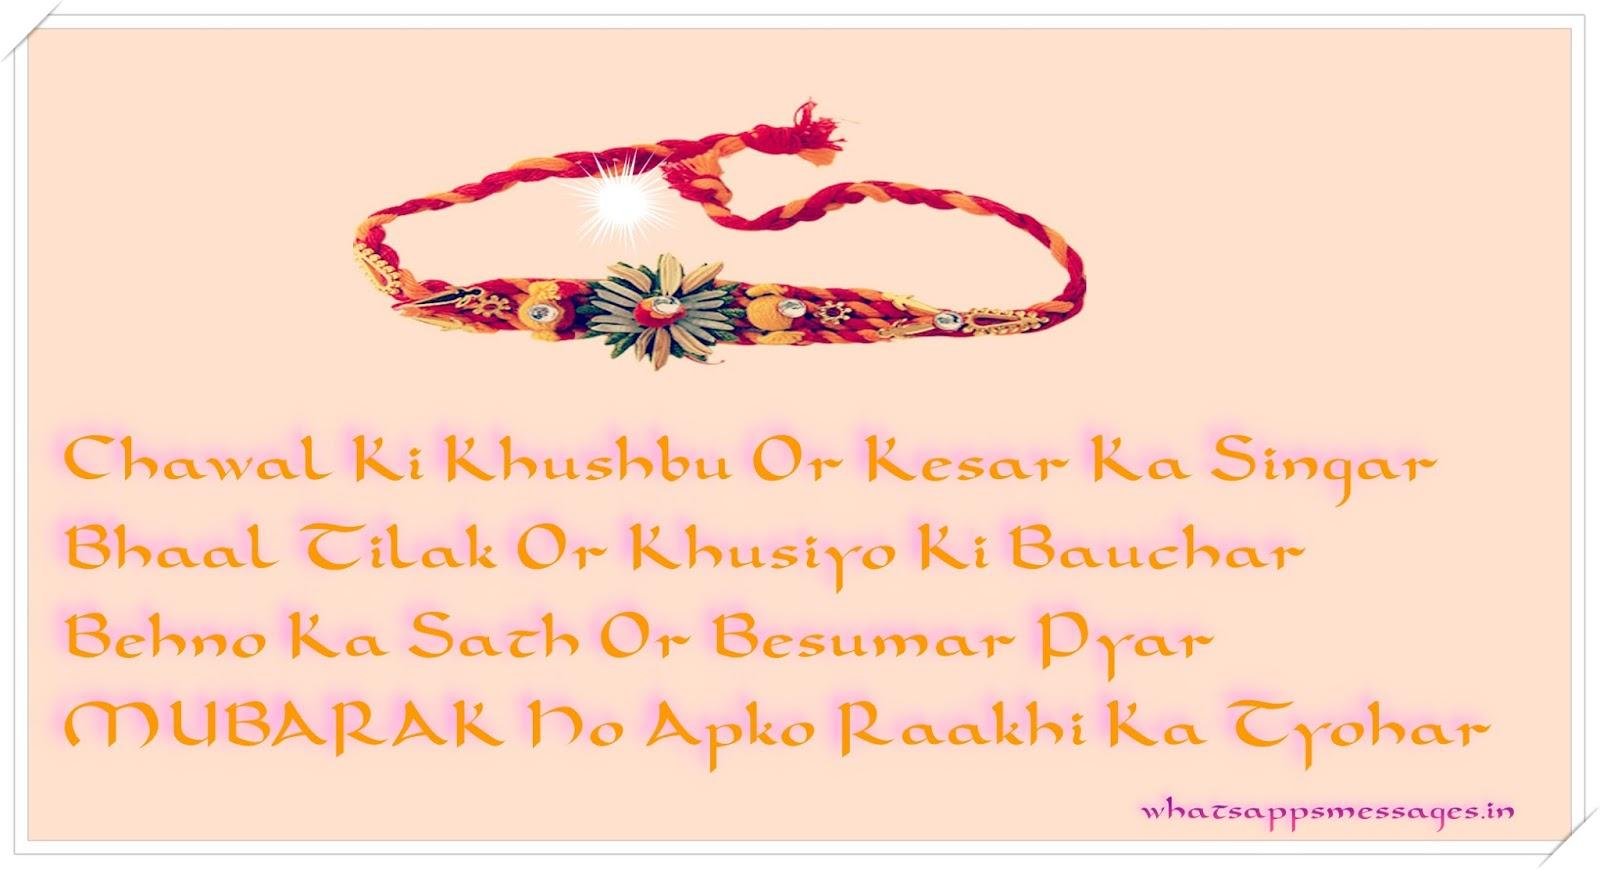 Rakhiraksha Bandhan Sms Hindirakhi Messages Quotes Whatsapp